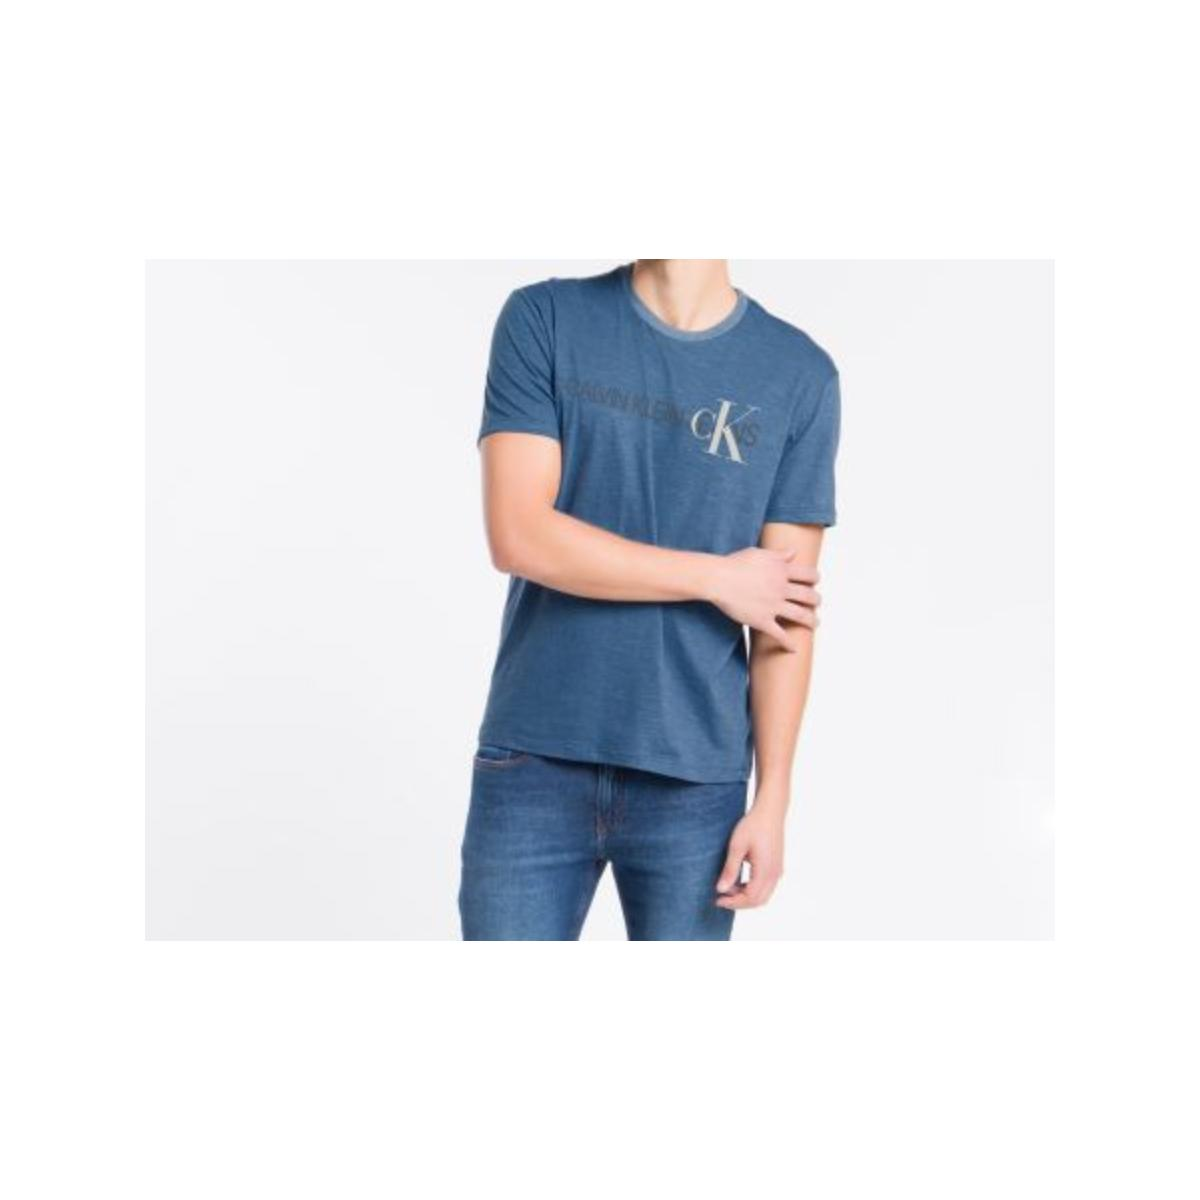 Camiseta Masculina Calvin Klein Cm1oc01i4013 Azul Médio